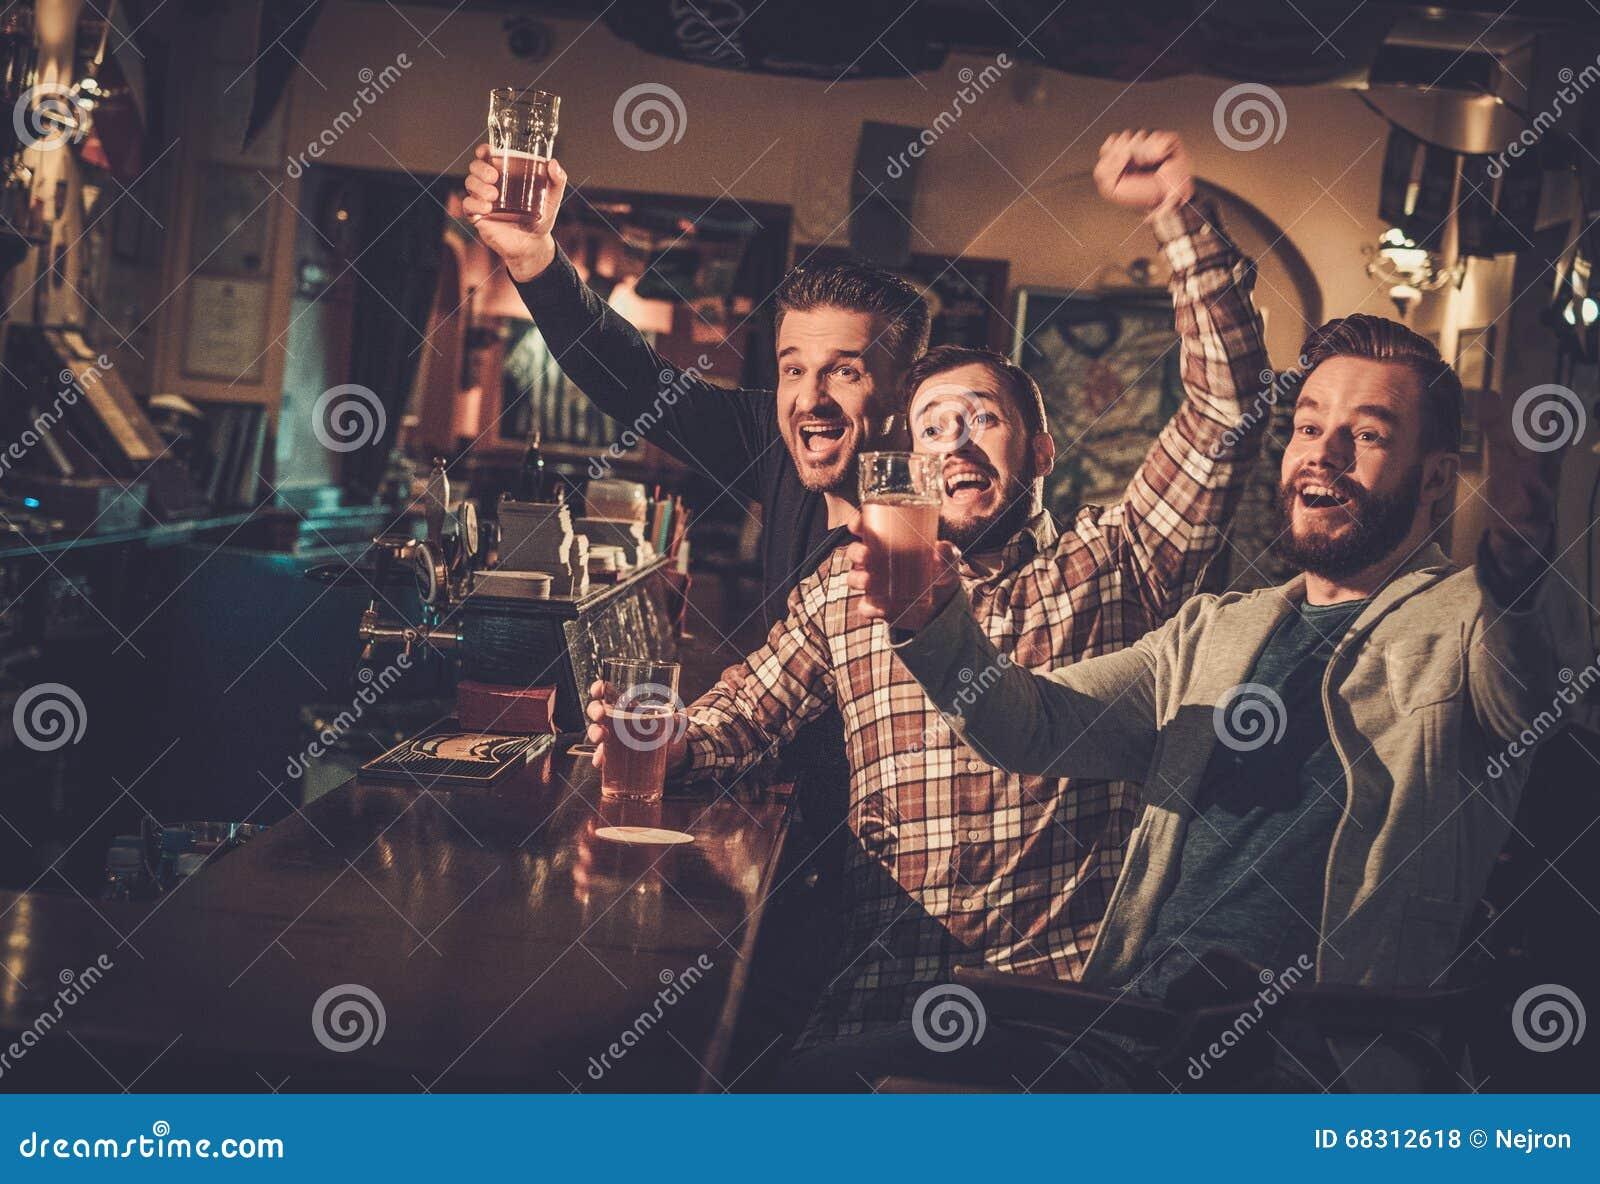 Draft Drinking Game